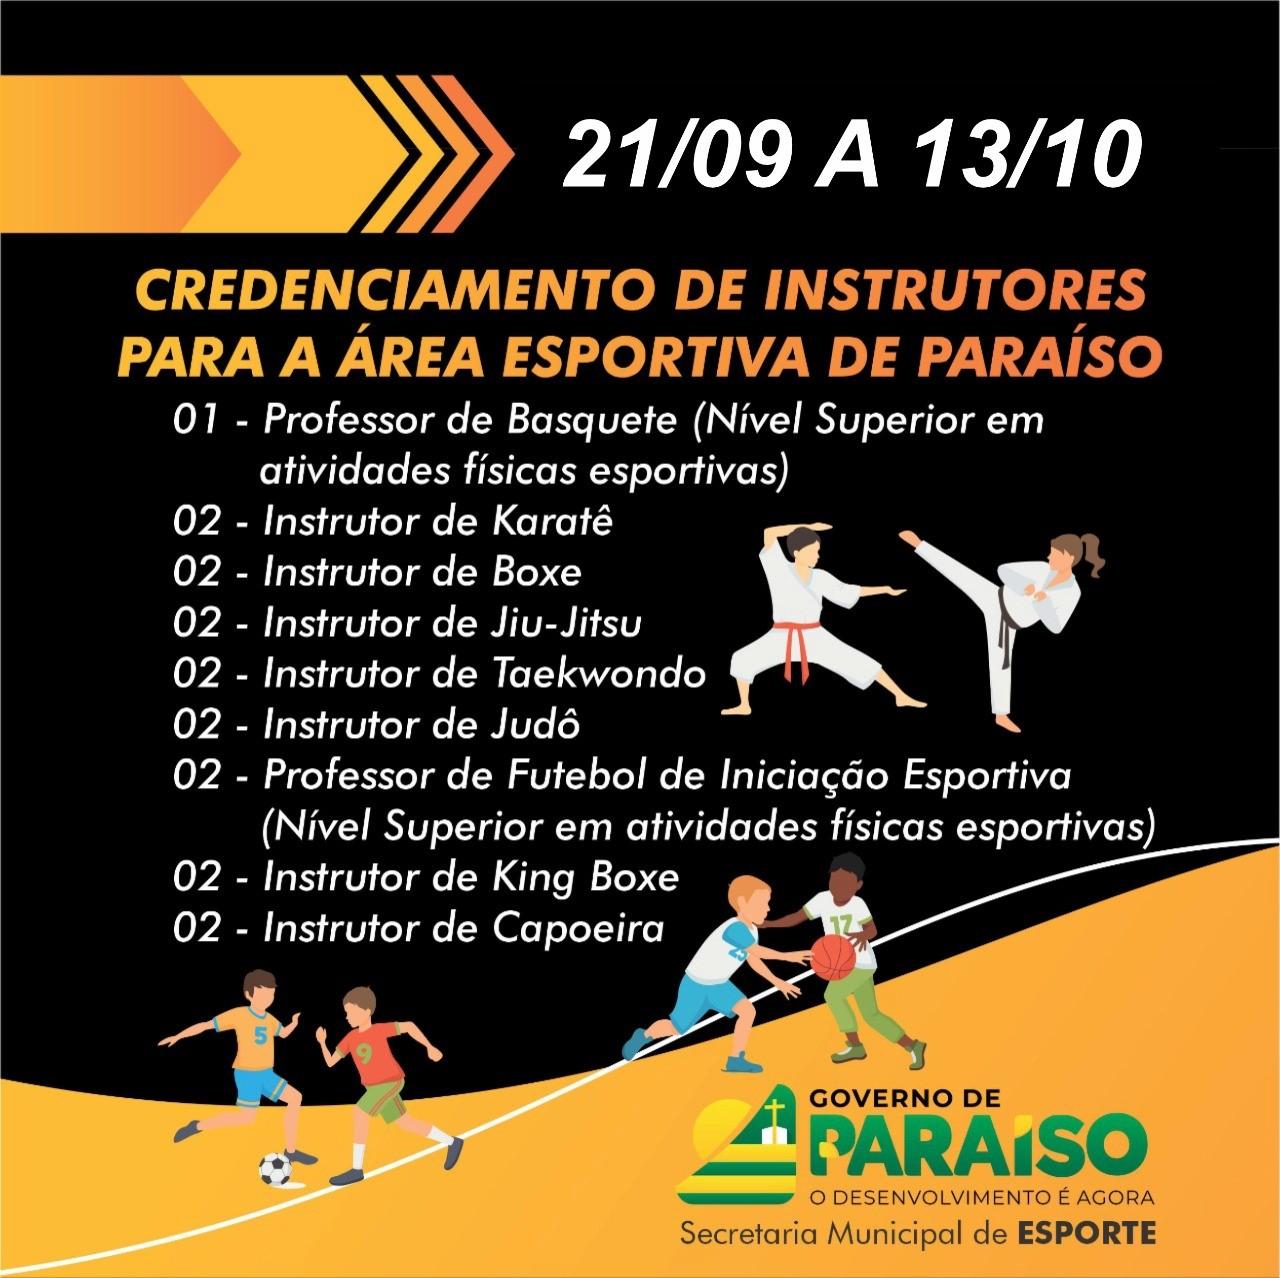 Prefeitura de Paraíso lança edital para credenciamento de Professores e Instrutores esportivos